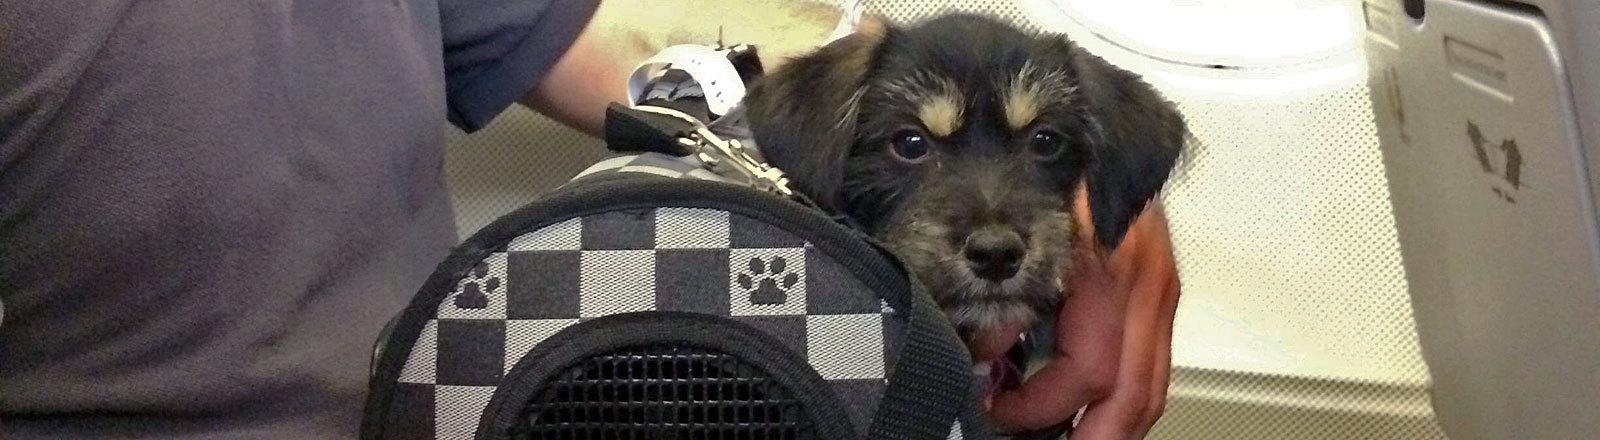 Hund in Transportbox auf Schoss von Mann in Flugzeug